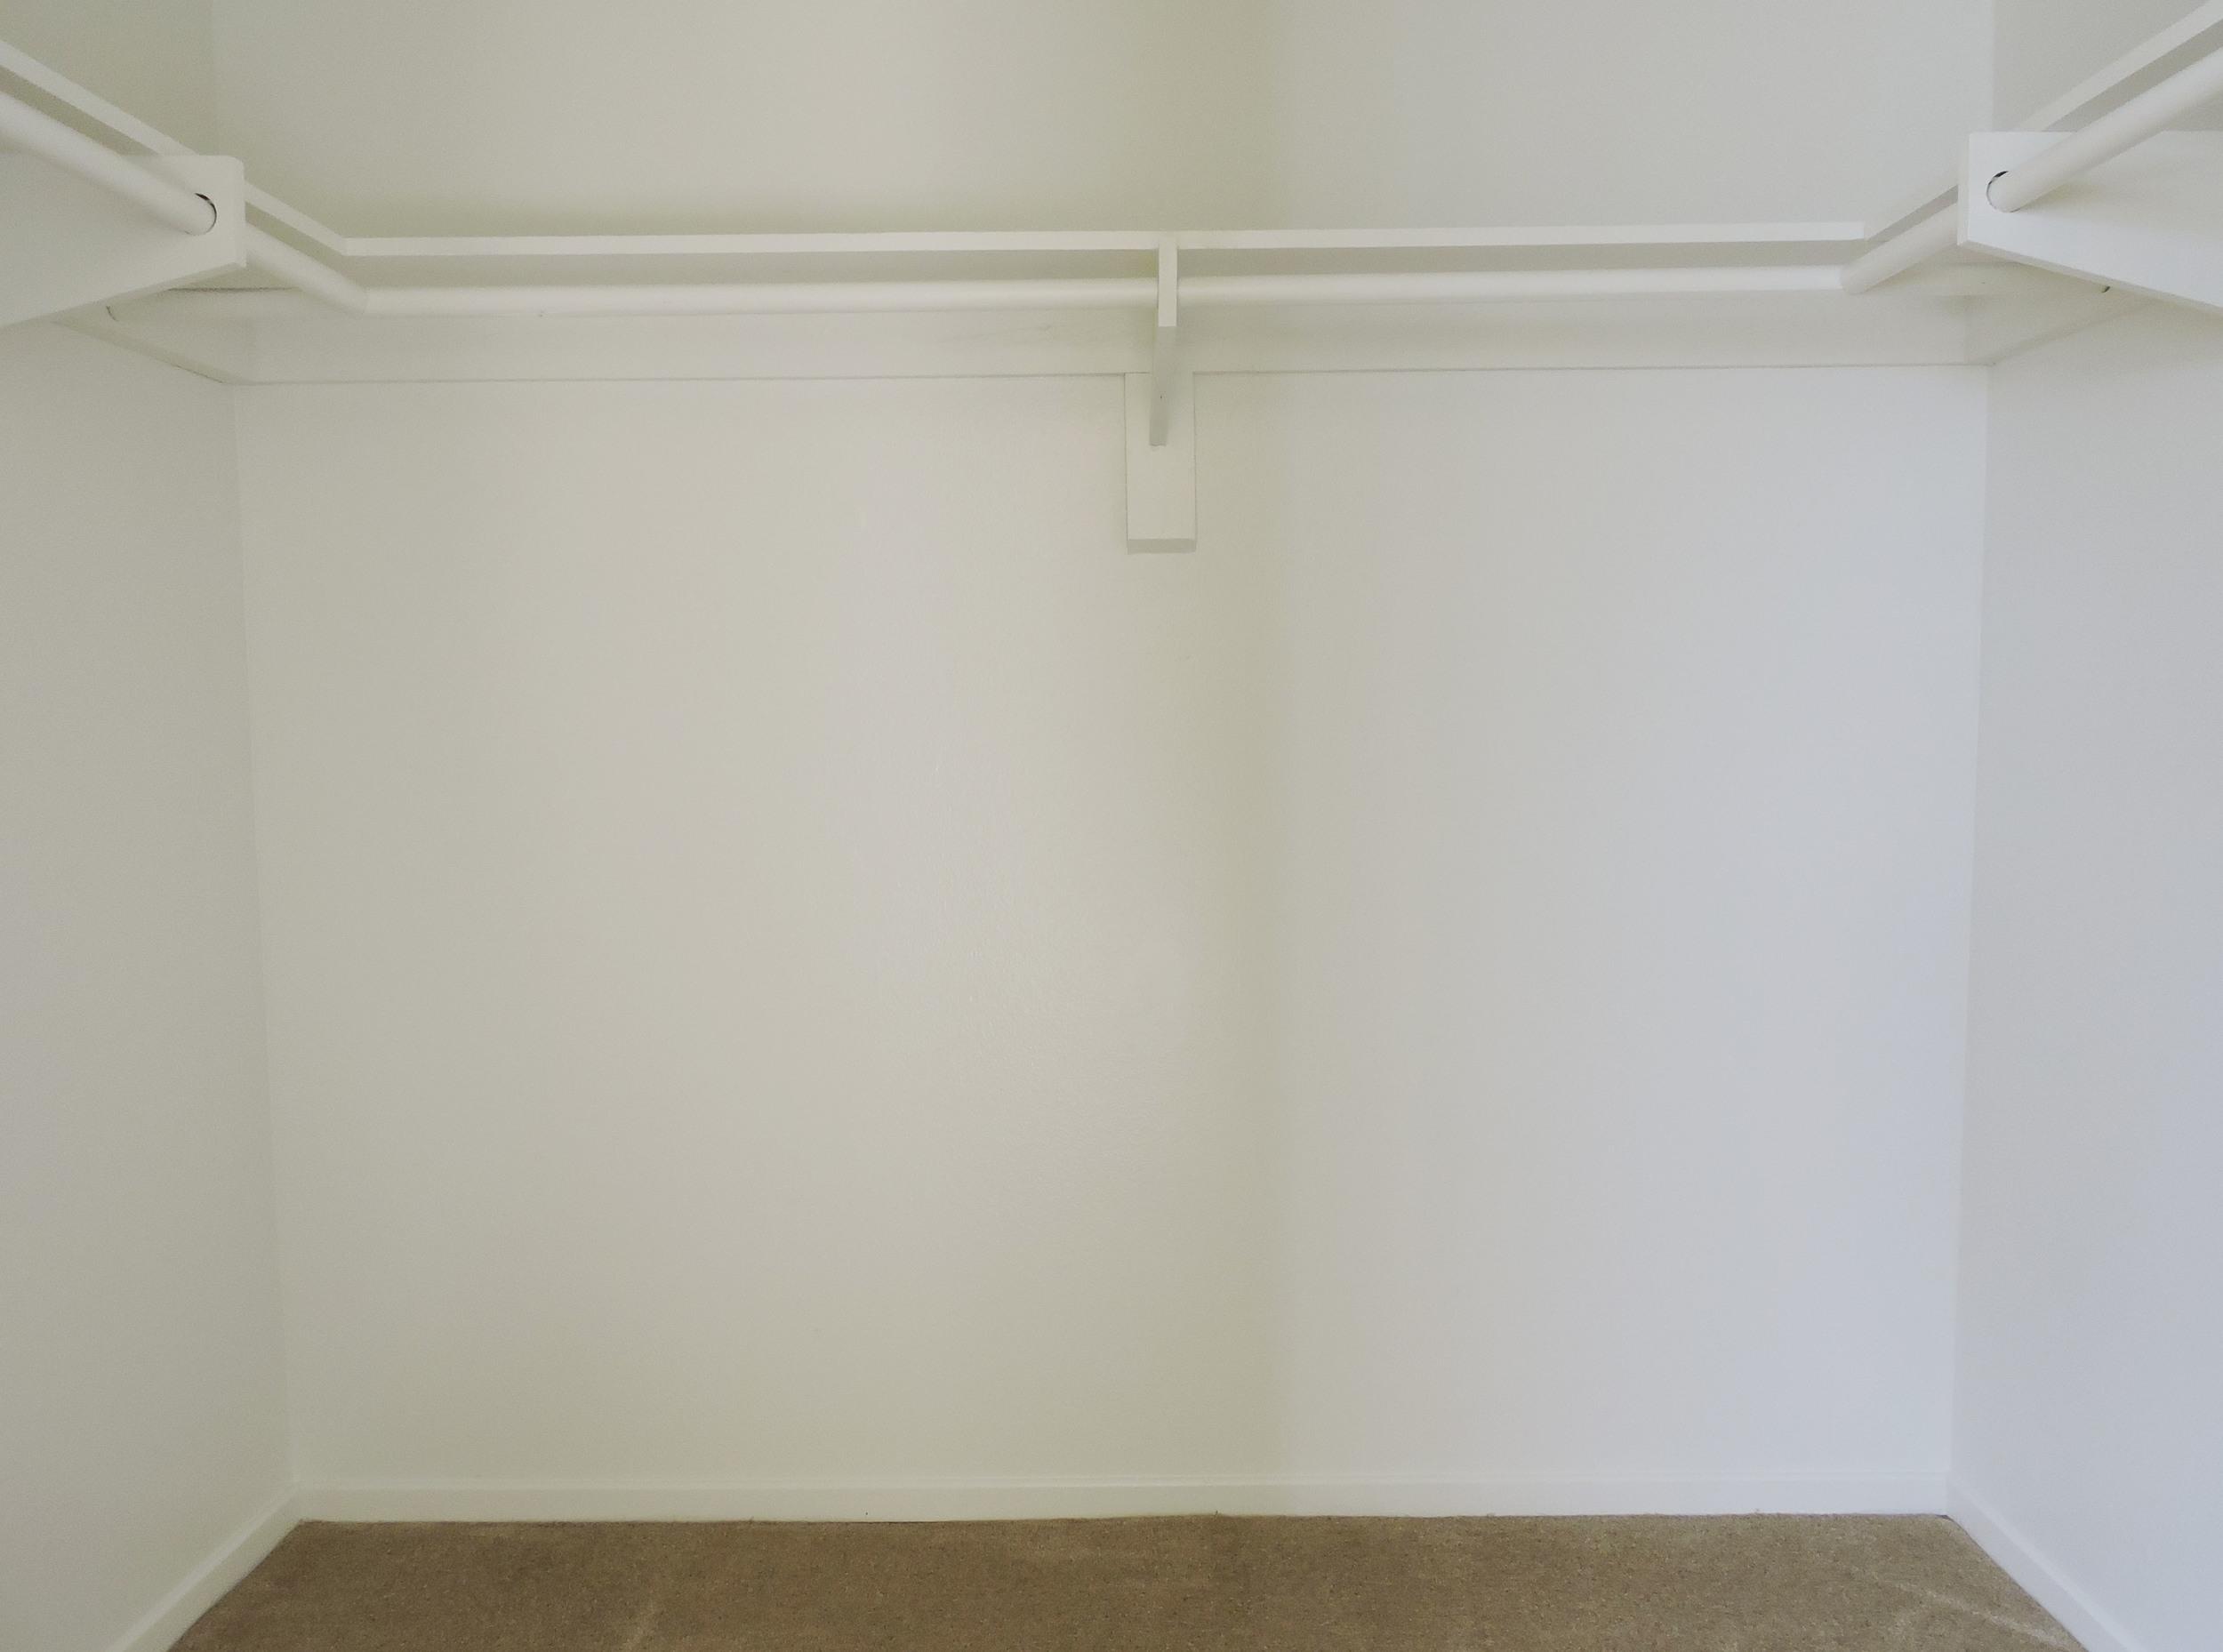 233 walk in closet 2nd bedroom.jpg